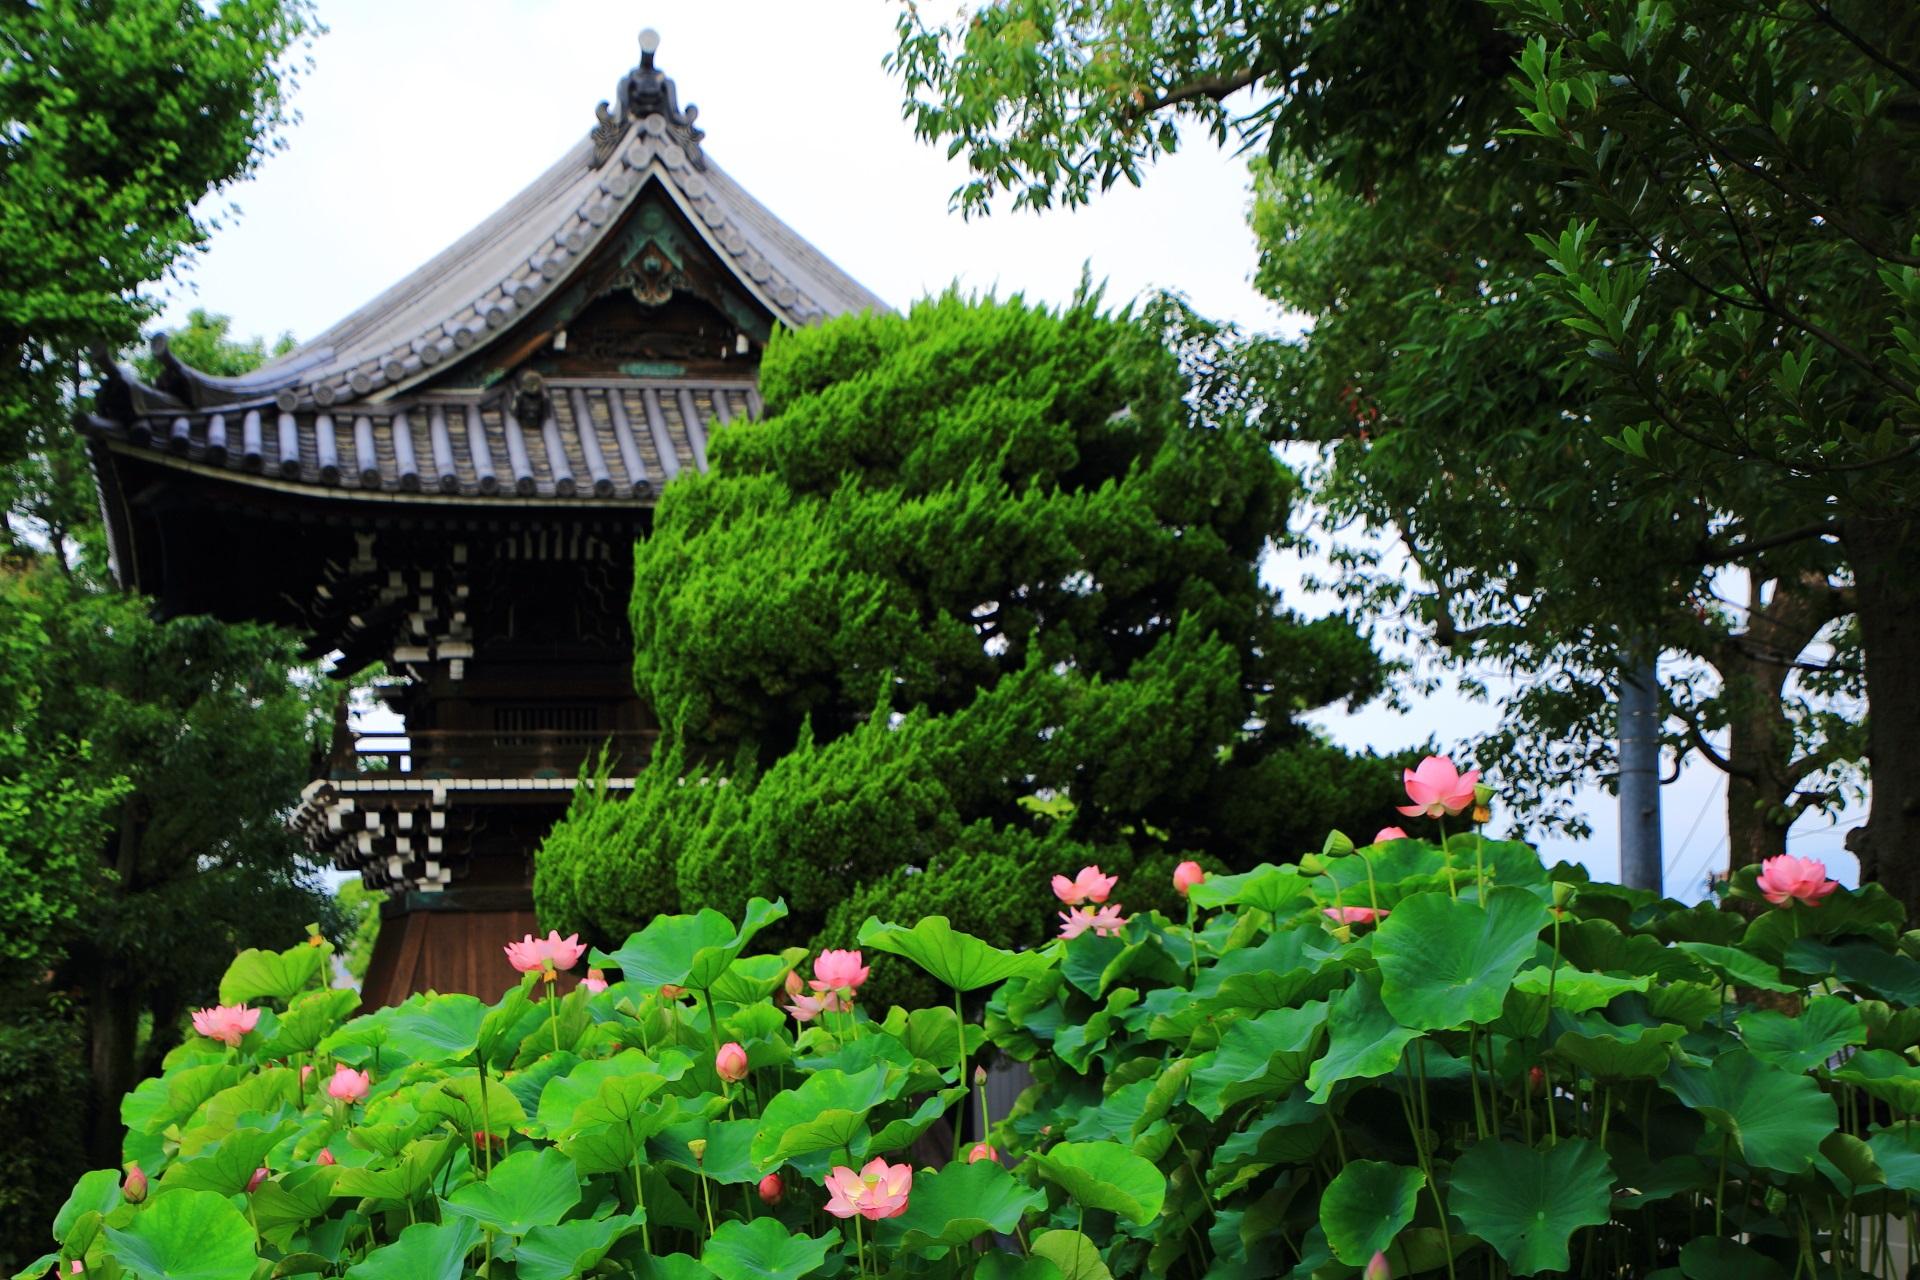 大谷本廟 ハスの花 受け継がれる古代の蓮